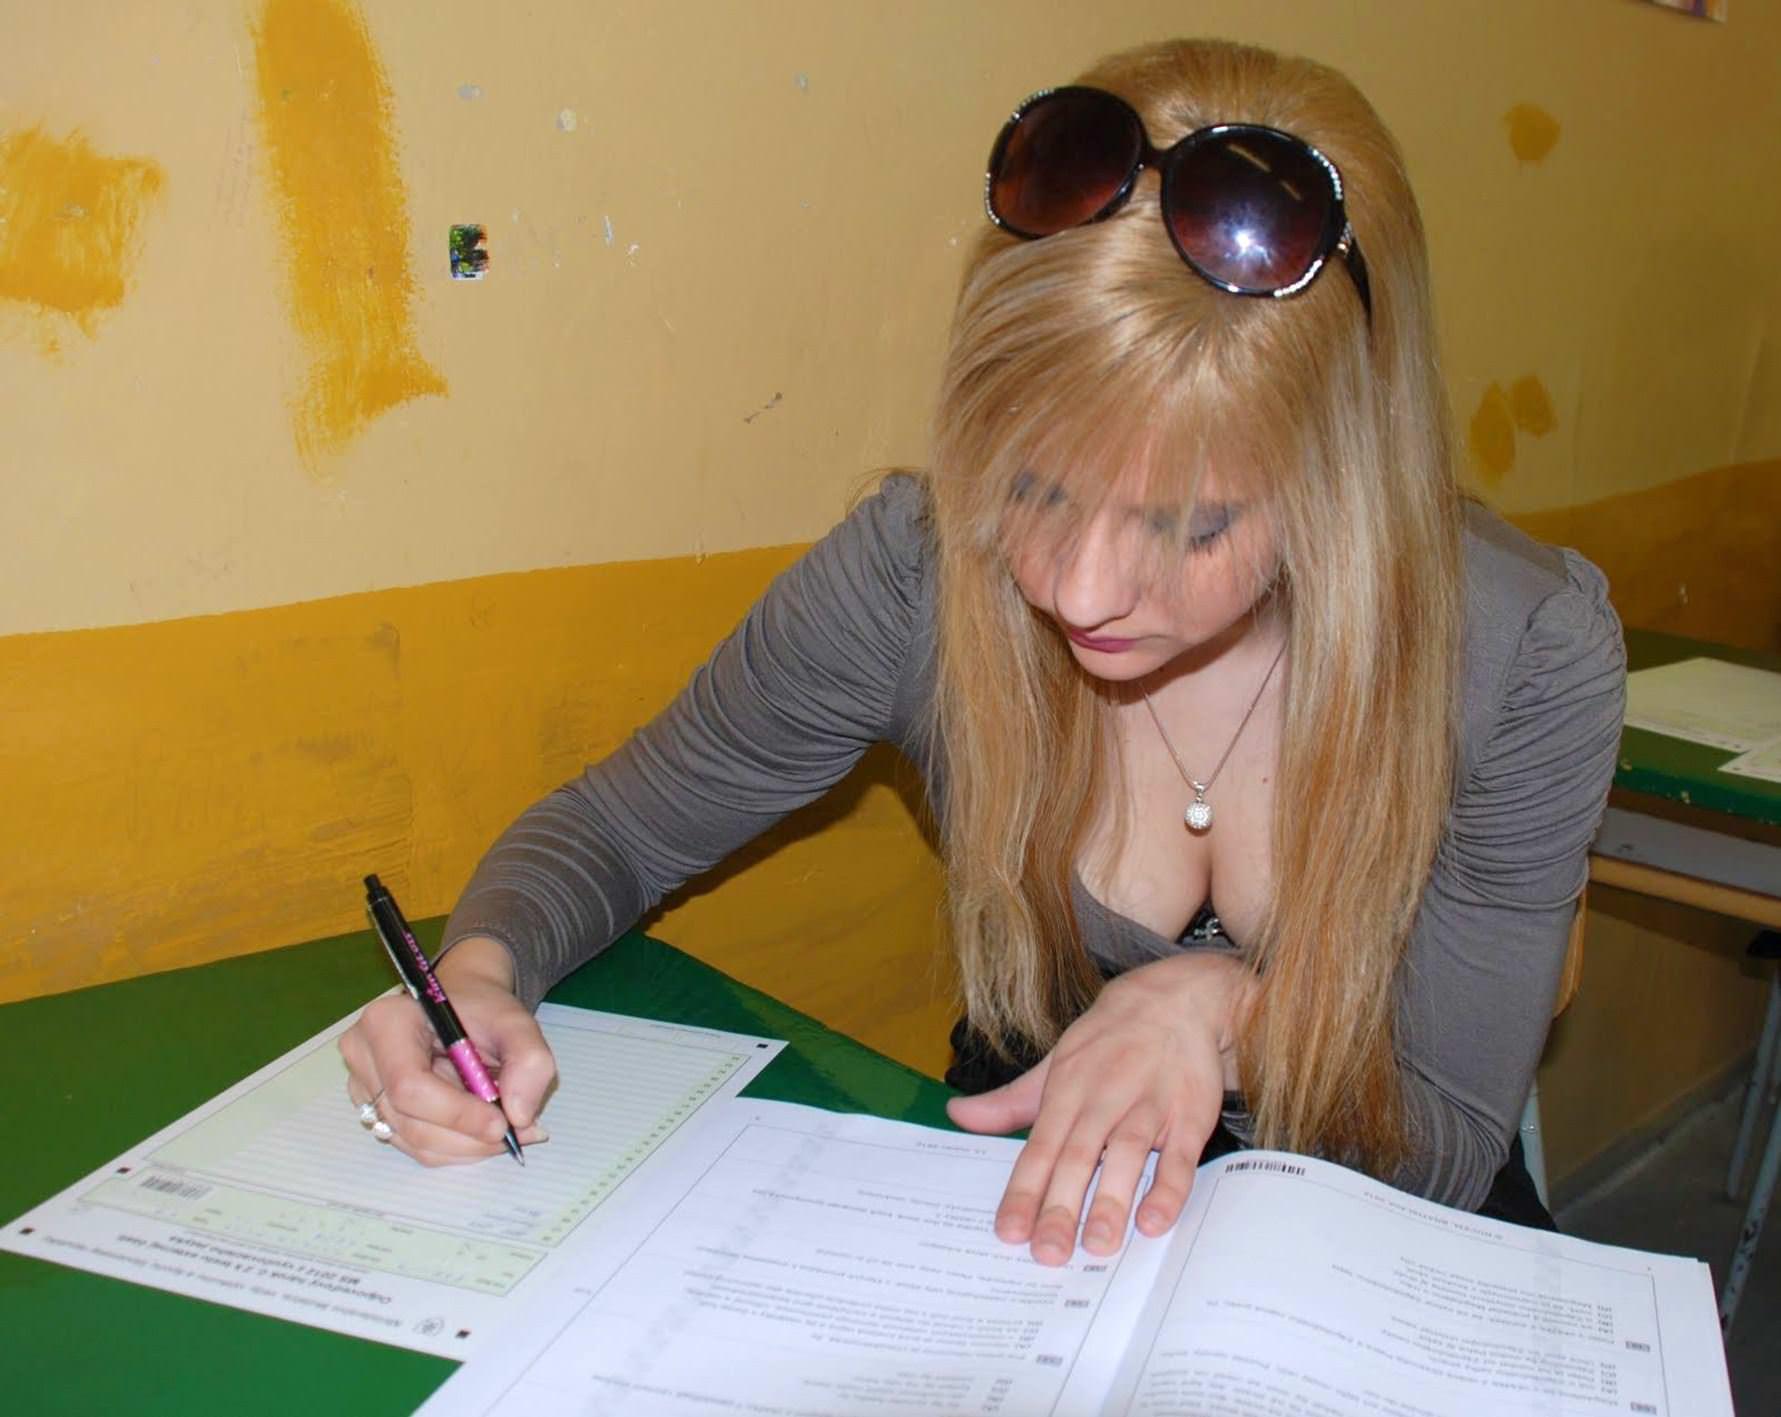 【外人】ロシア人の学生たちがめっちゃ可愛くて大人っぽい制服ポルノ画像 14158